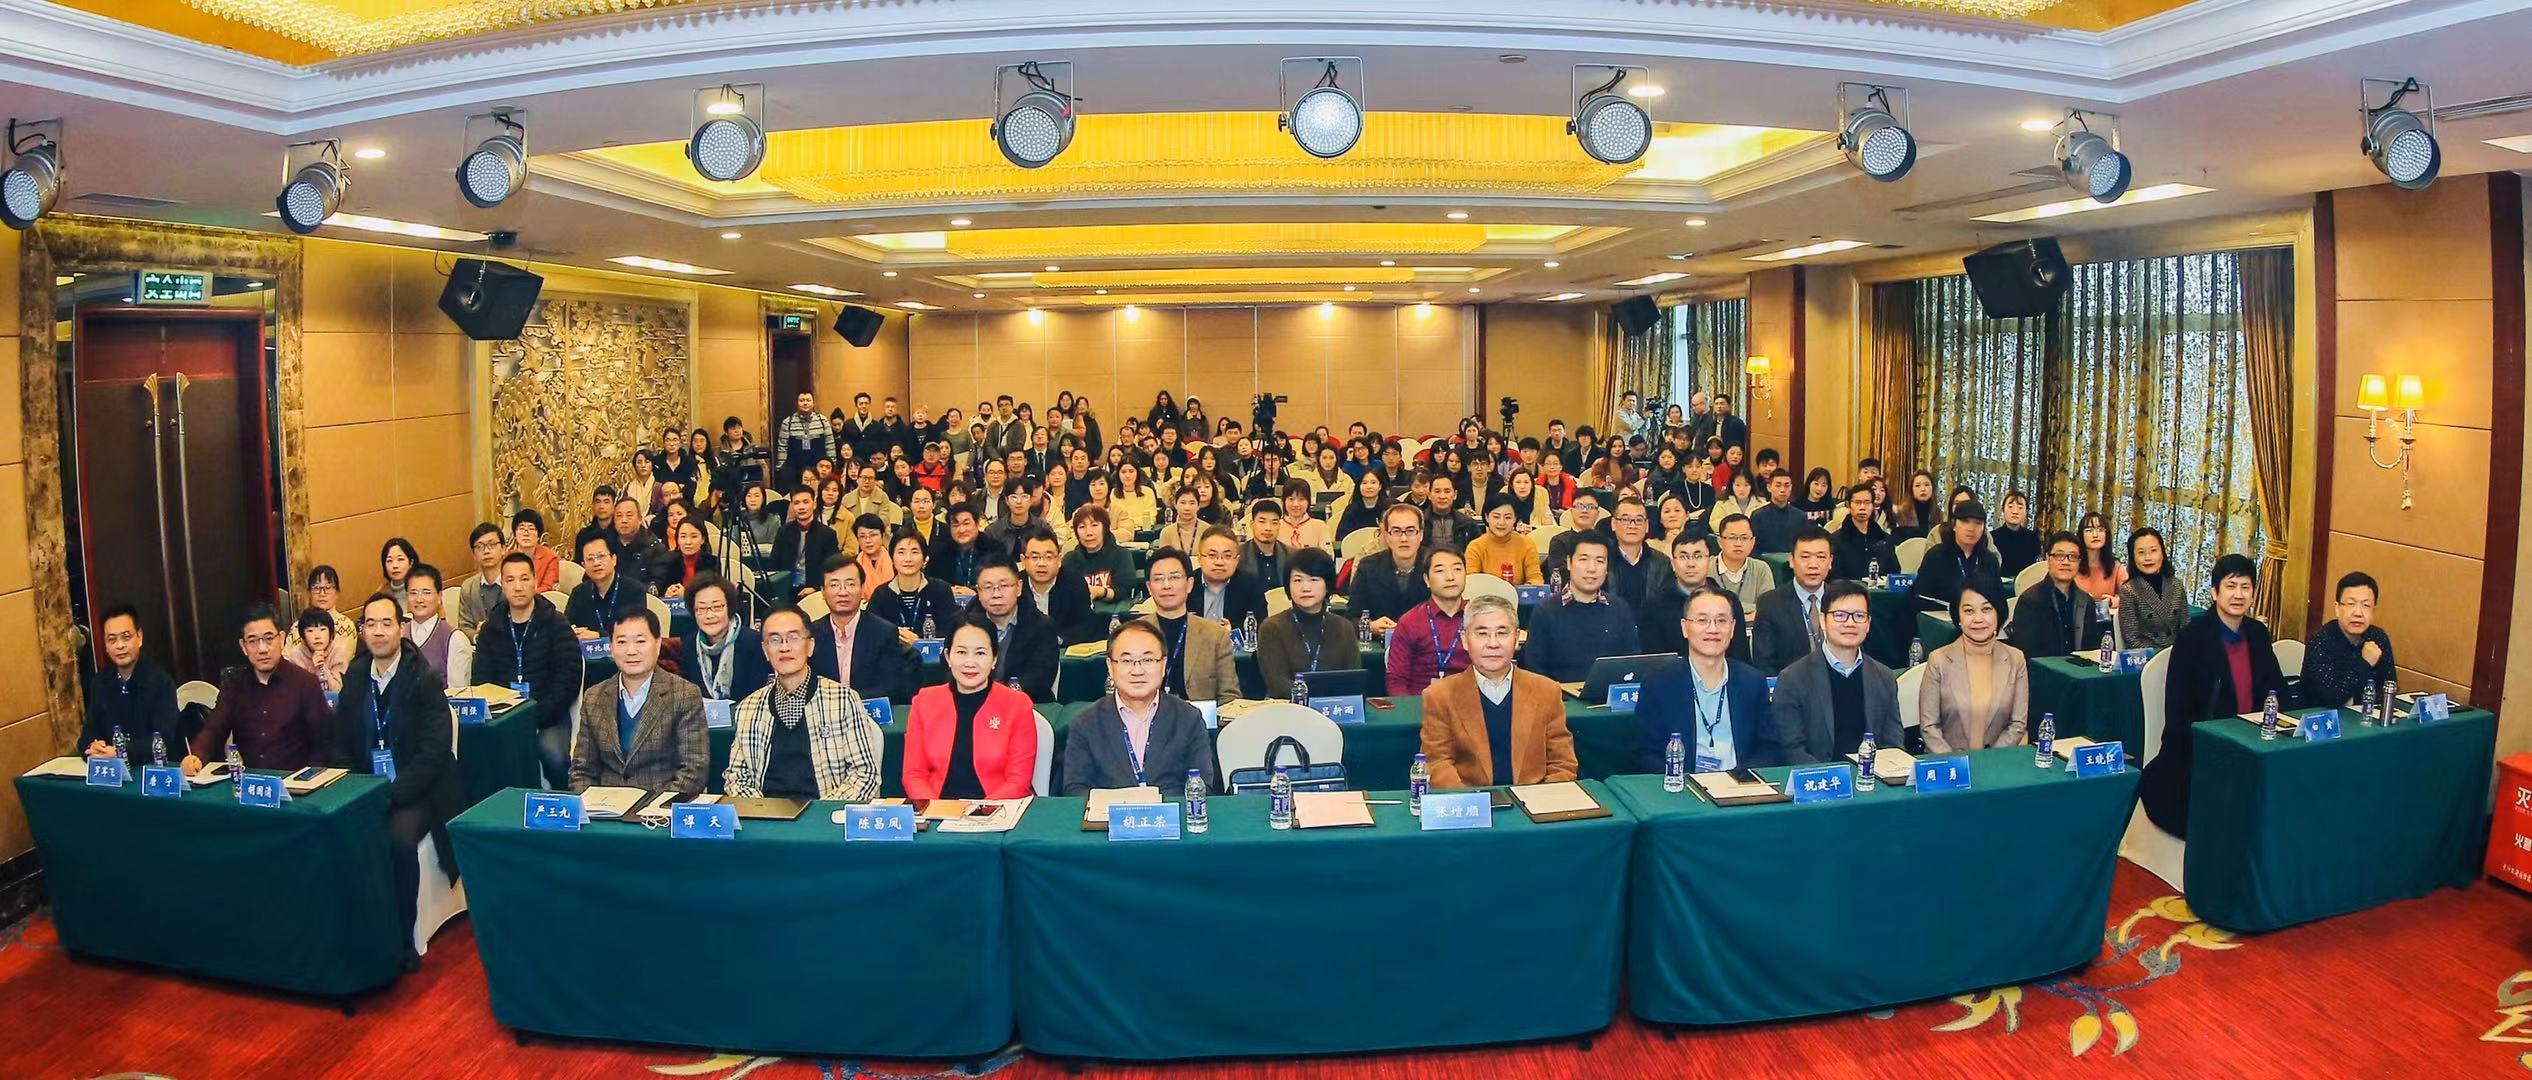 近200名学界业界专家共聚长沙 新